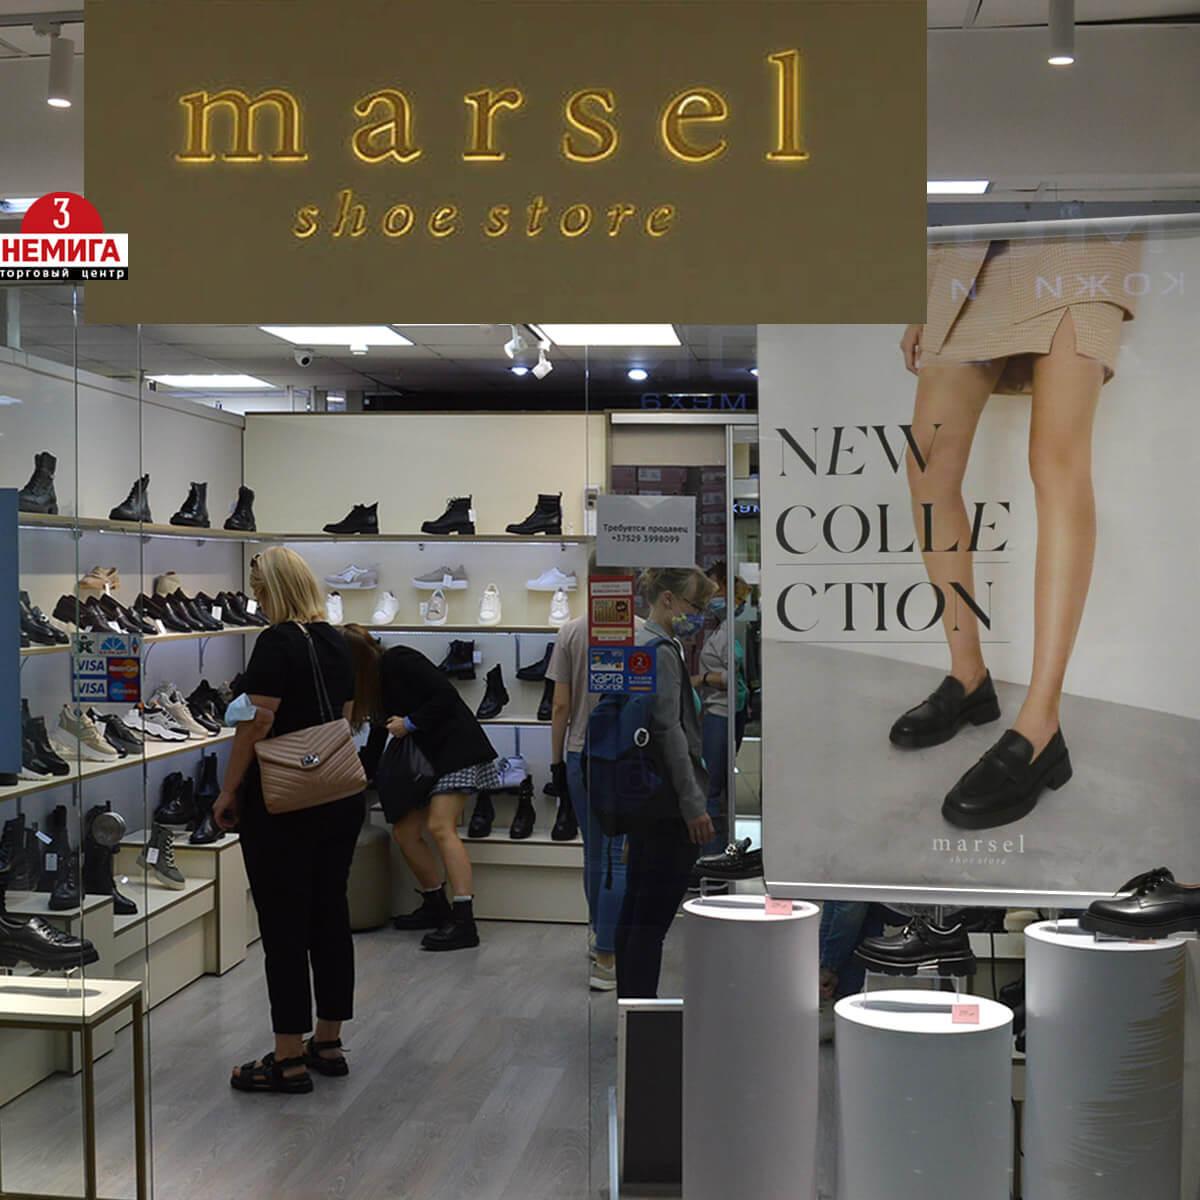 НОВАЯ коллекция женской обуви в магазине «Marsel» в Торговом Центре «Немига 3»